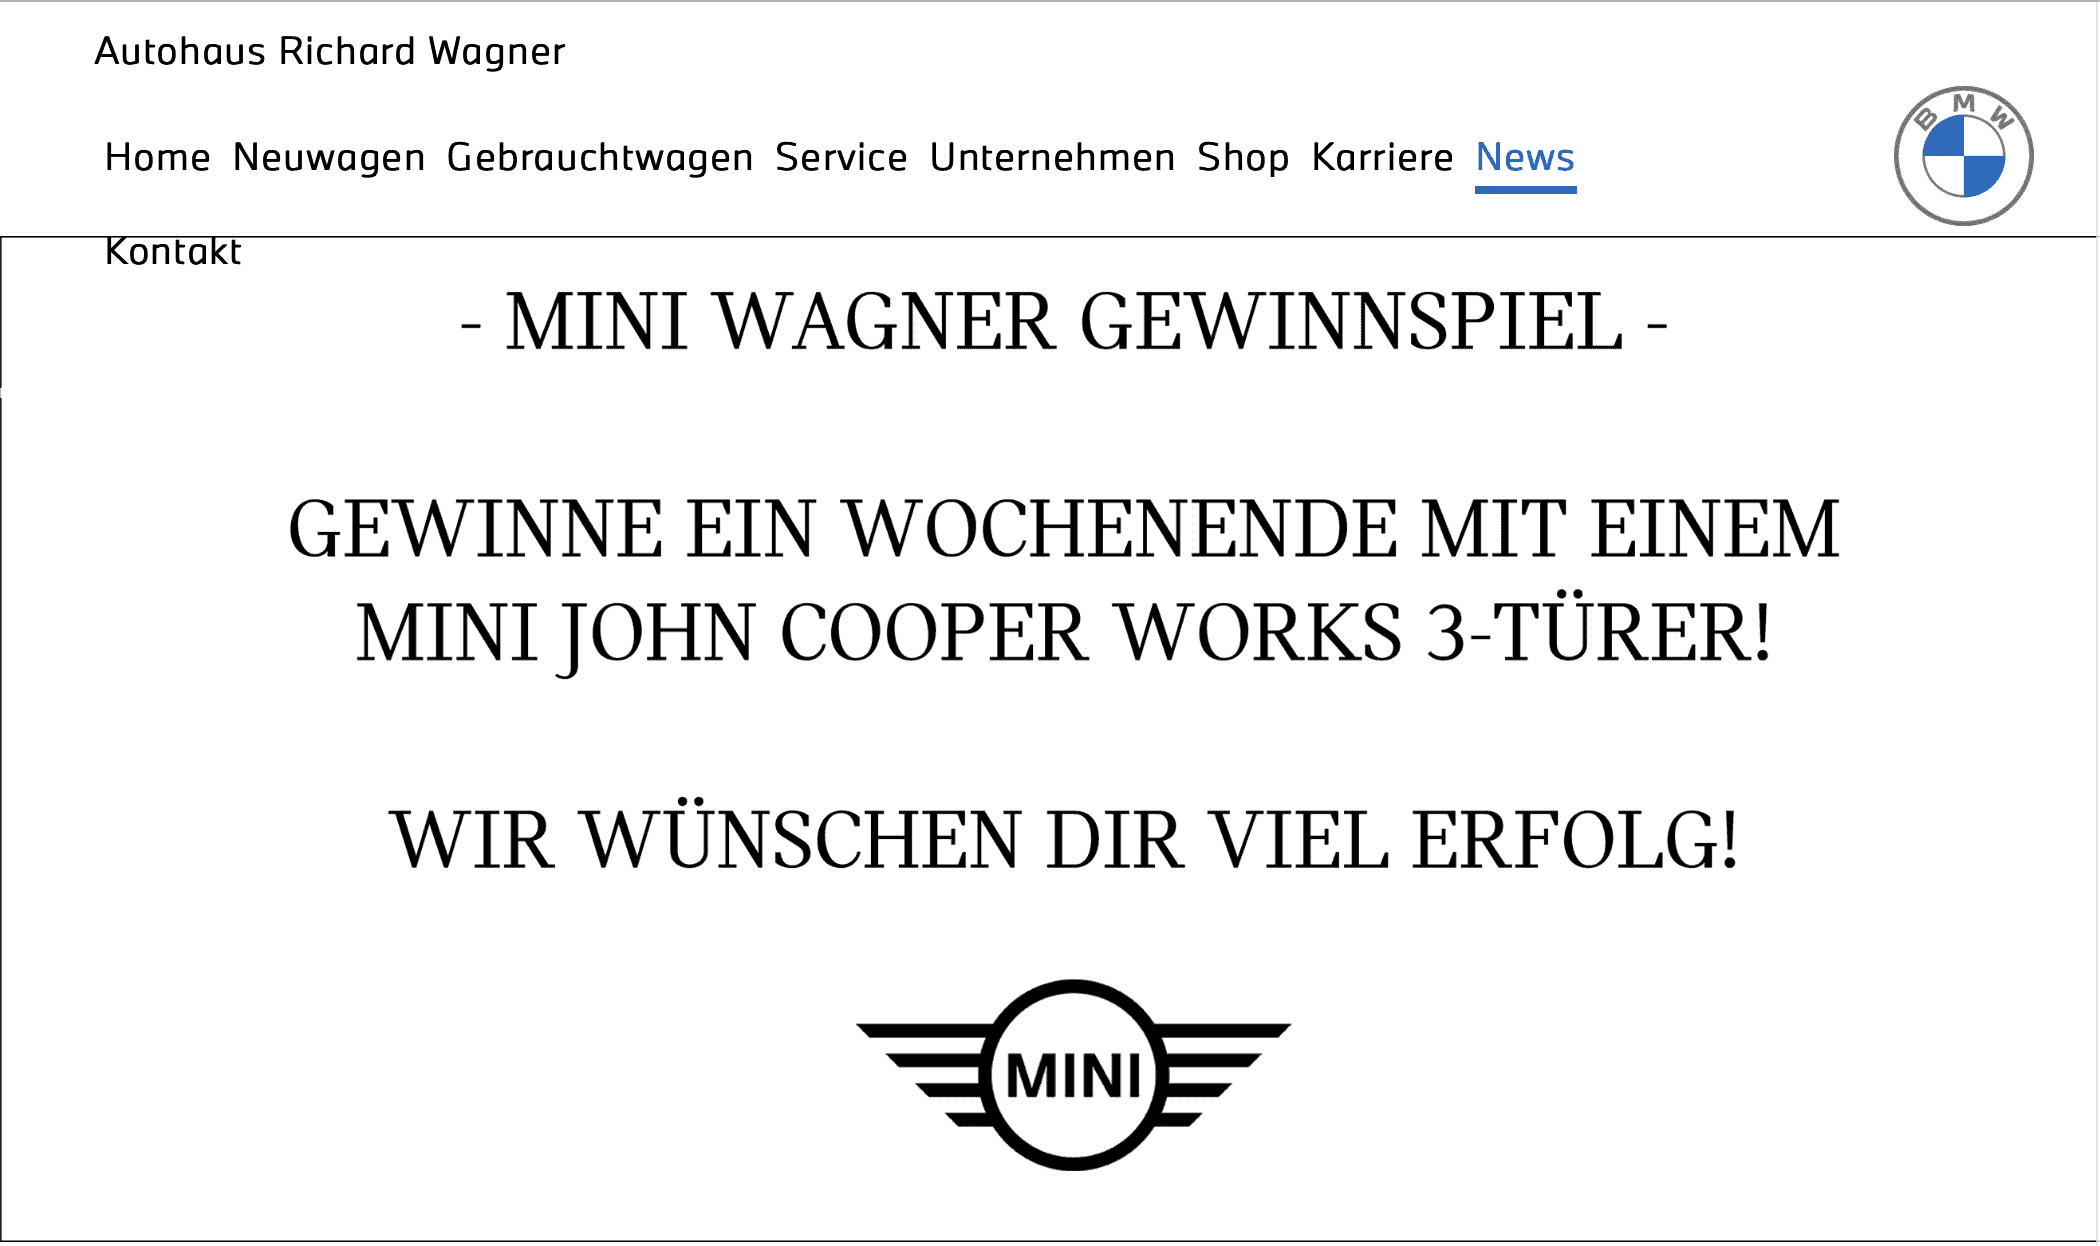 BMW-Wagner: Ein Wochenende im Mini John Cooper gewinnen